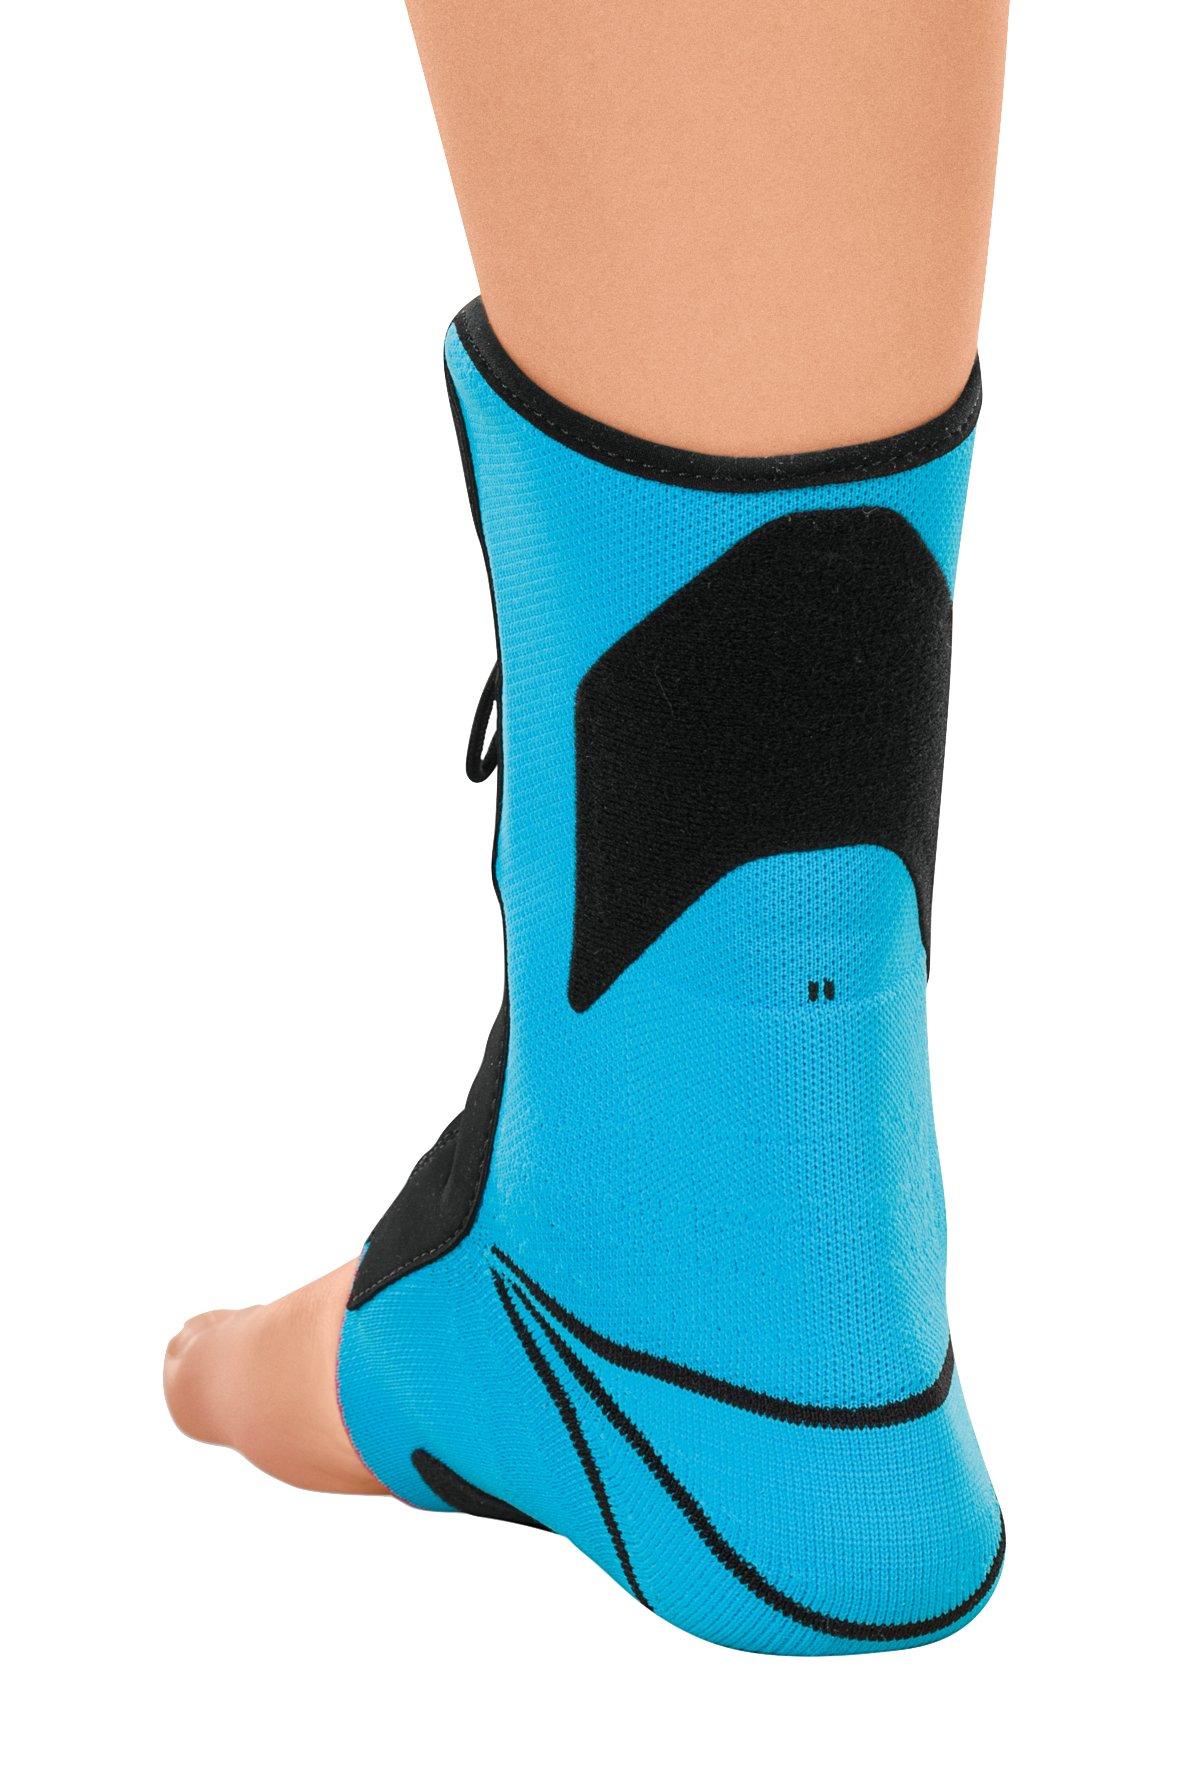 Medi Levamed Stabili-Tri Knit Ankle Support (Blue) Left Size I by Medi (Image #2)